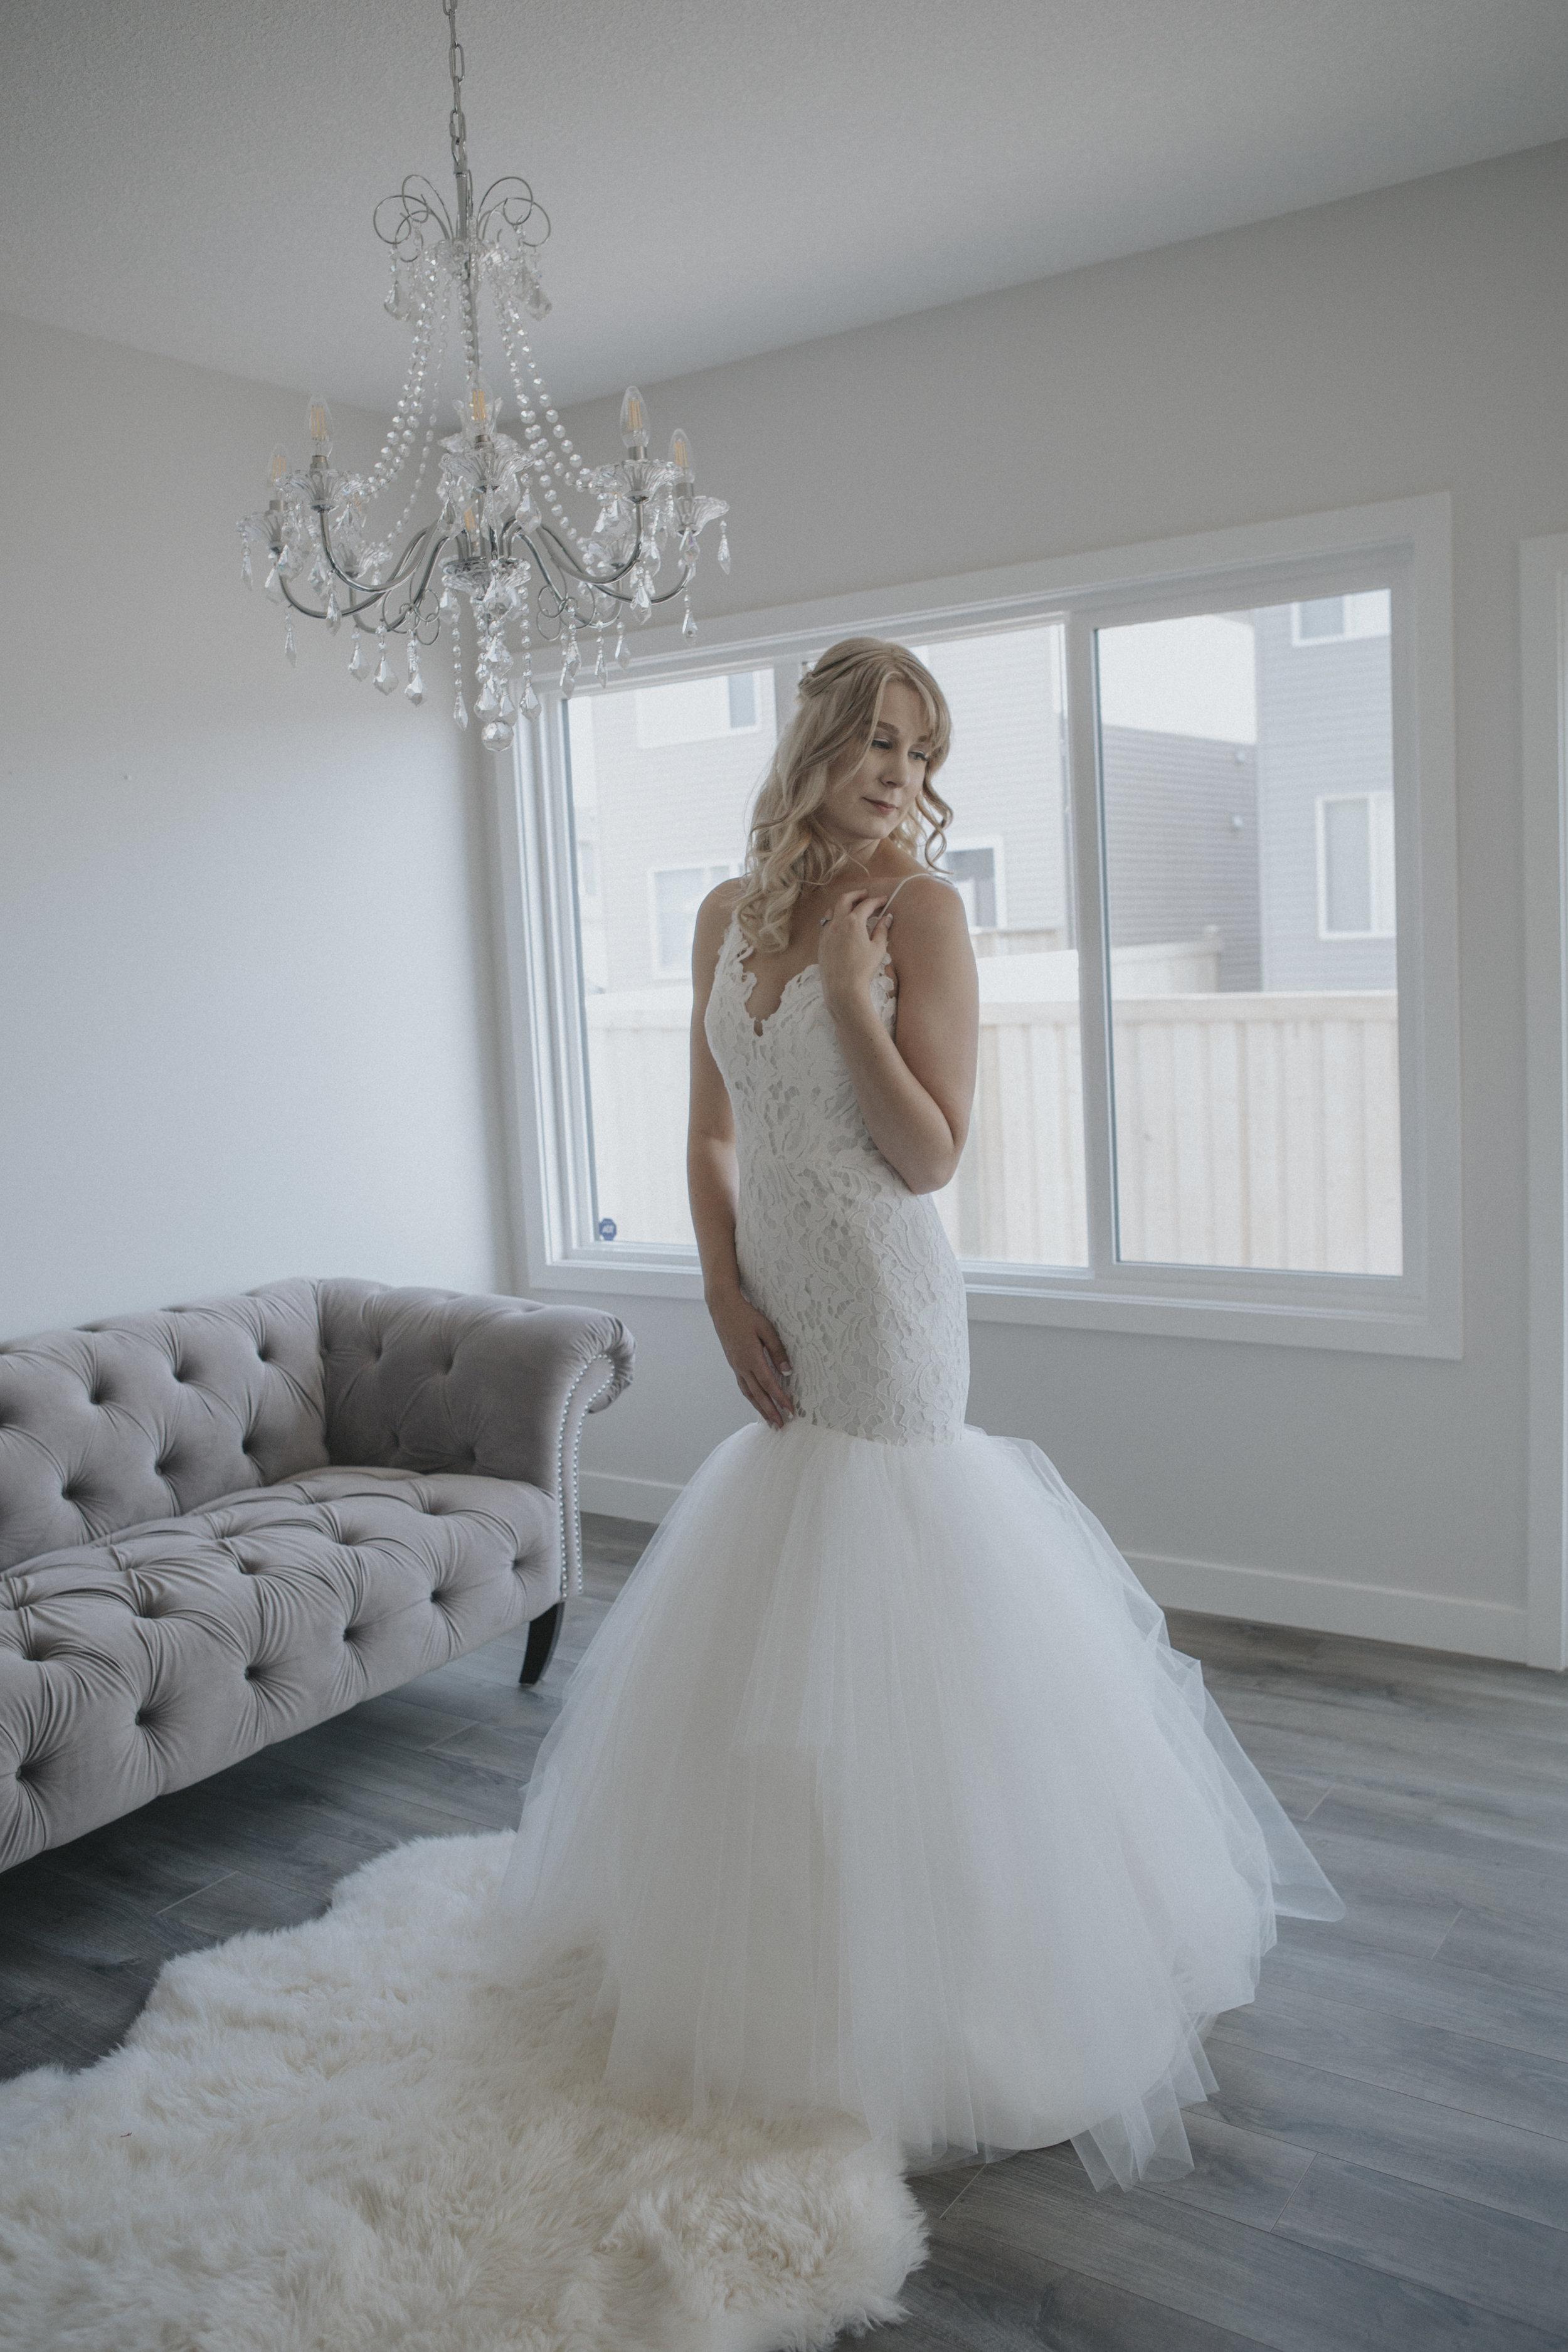 YEG Bride